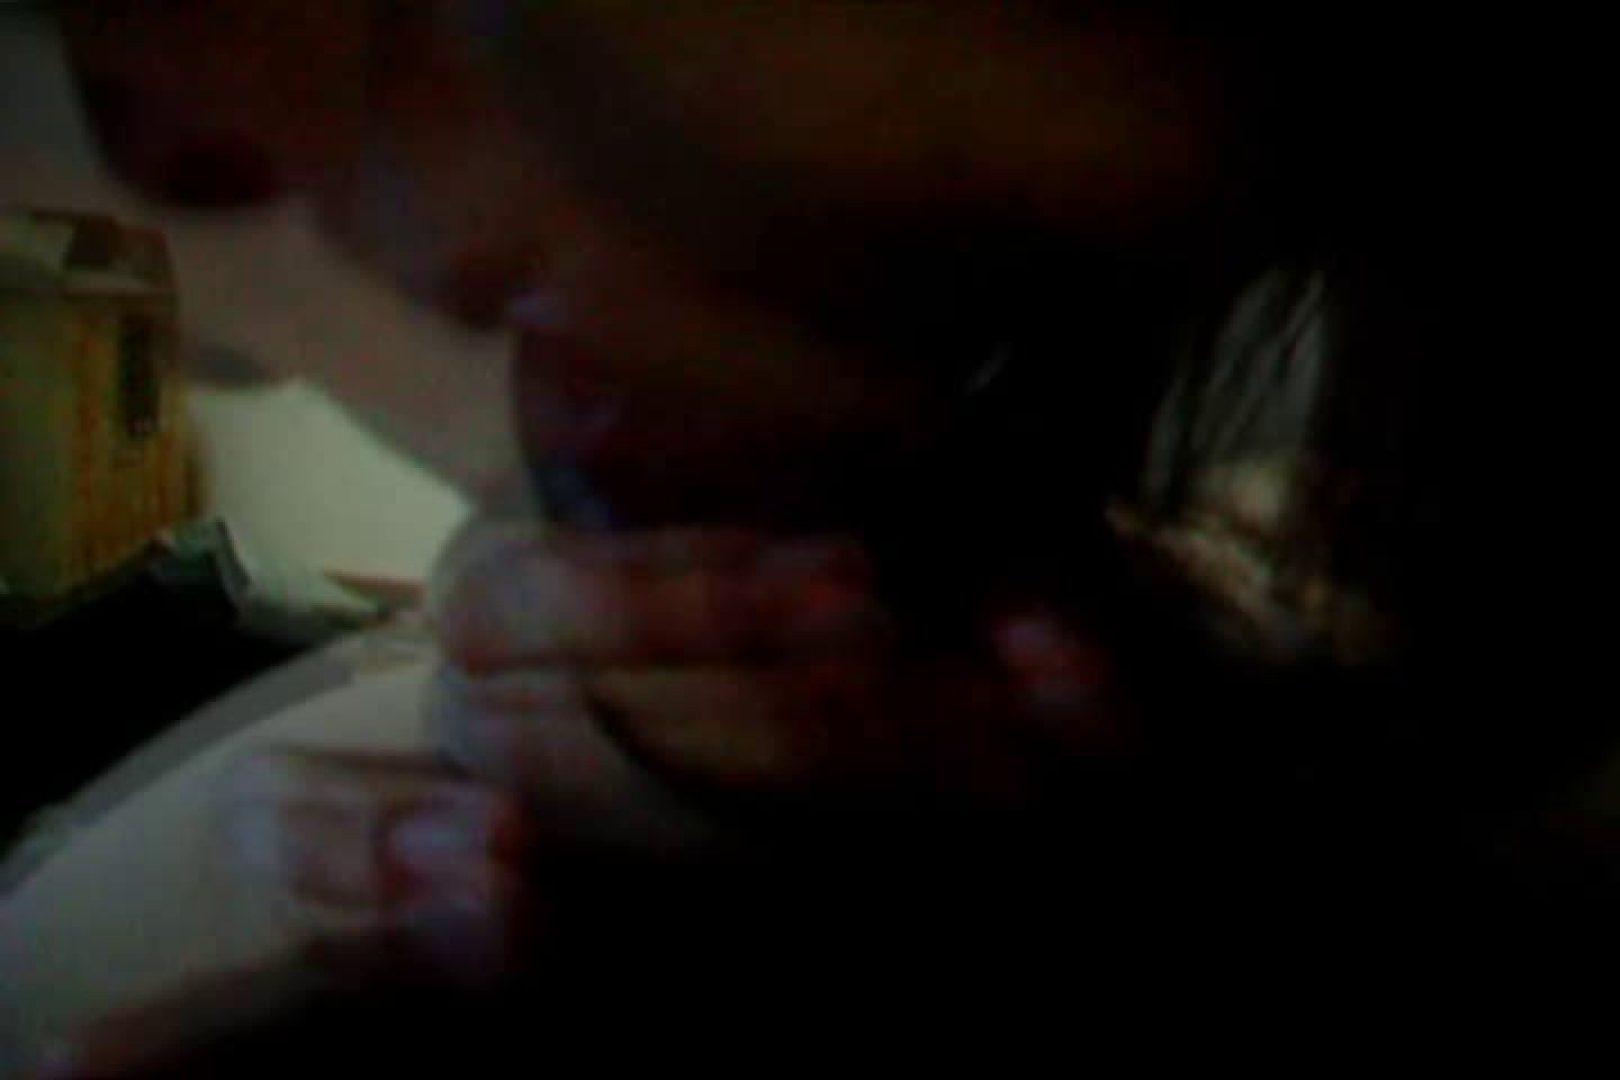 ウイルス流出 鹿児島県庁職員 中瀬瀬久成の流出ビデオ 盗撮  69枚 50